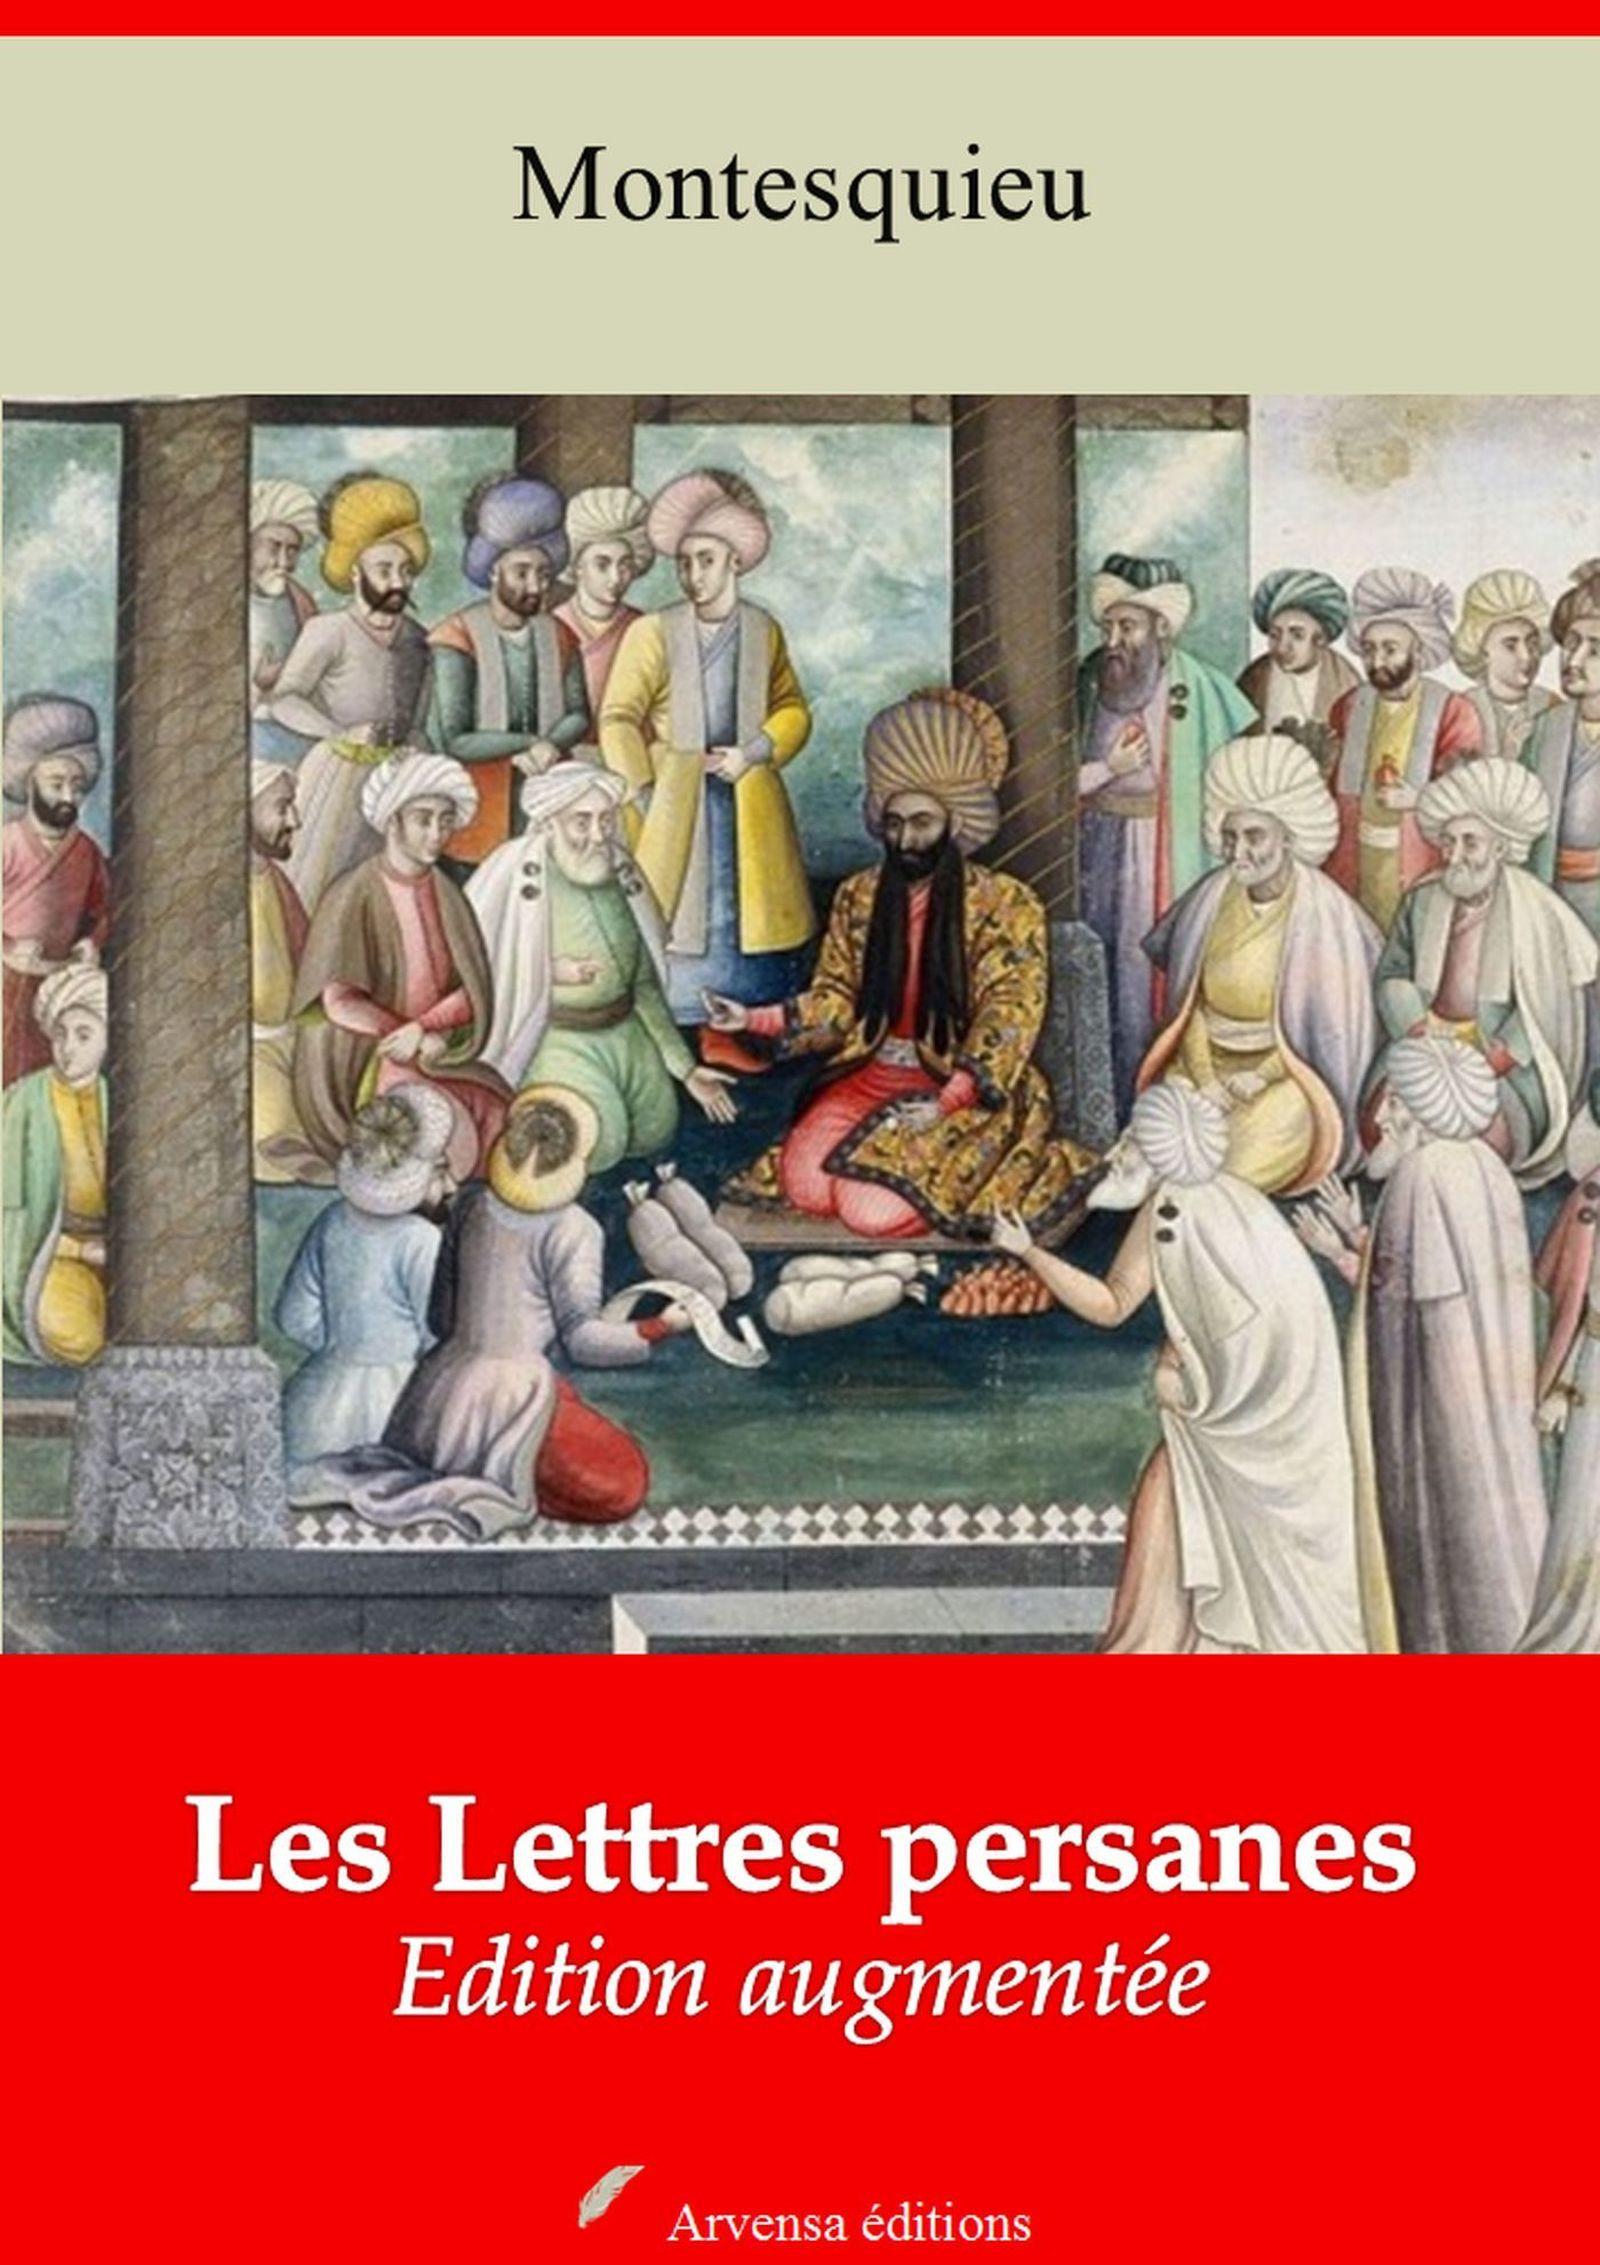 Les Lettres persanes - suivi d'annexes